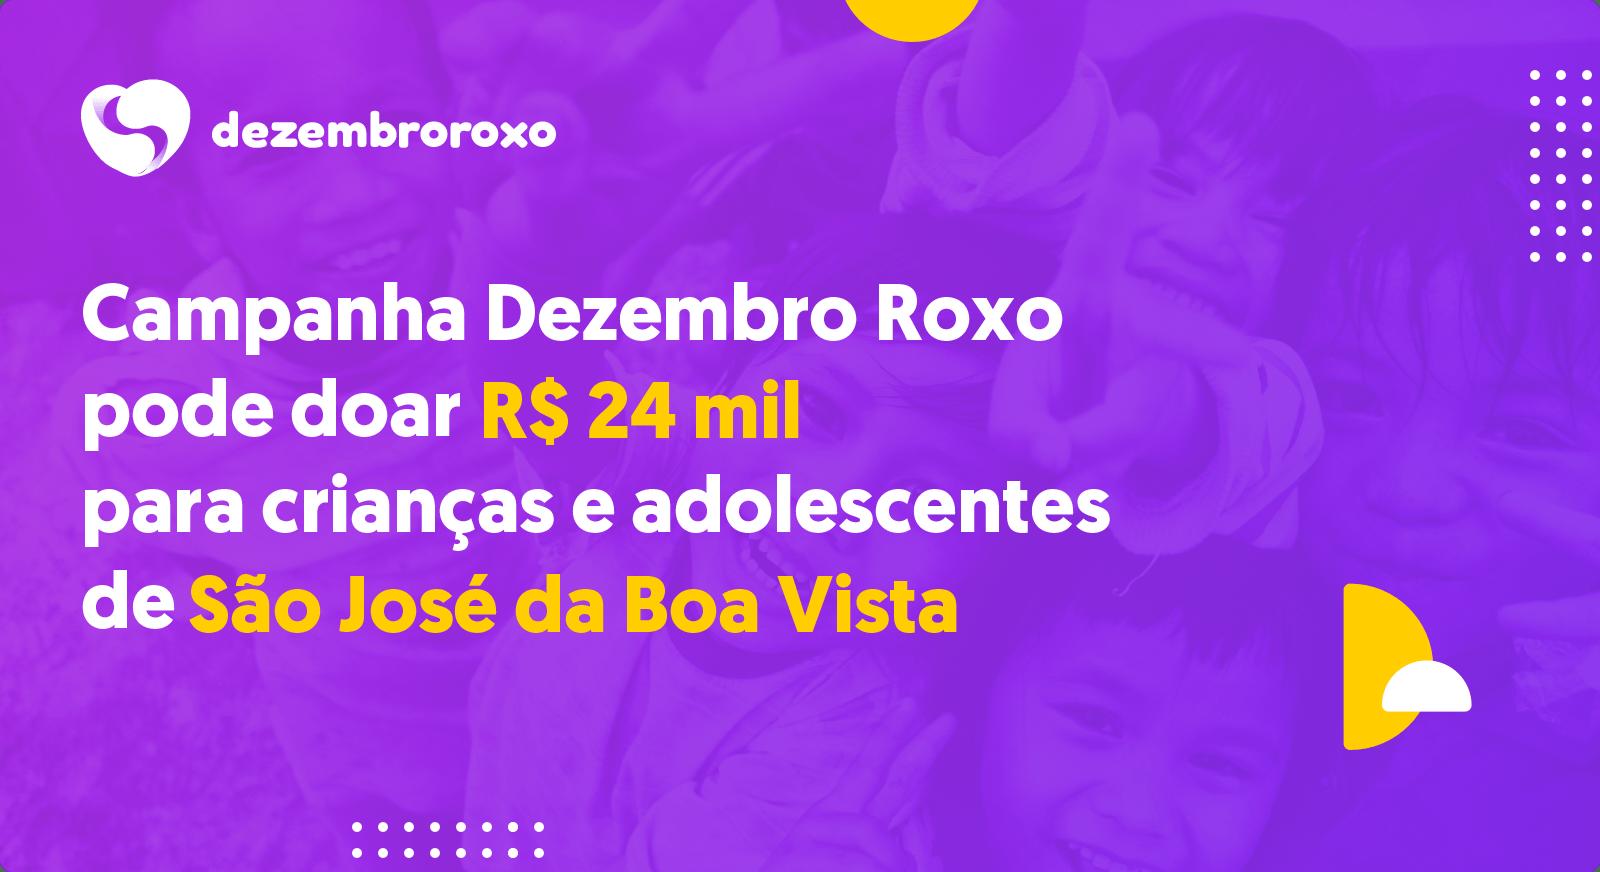 Doações em São José da Boa Vista - PR